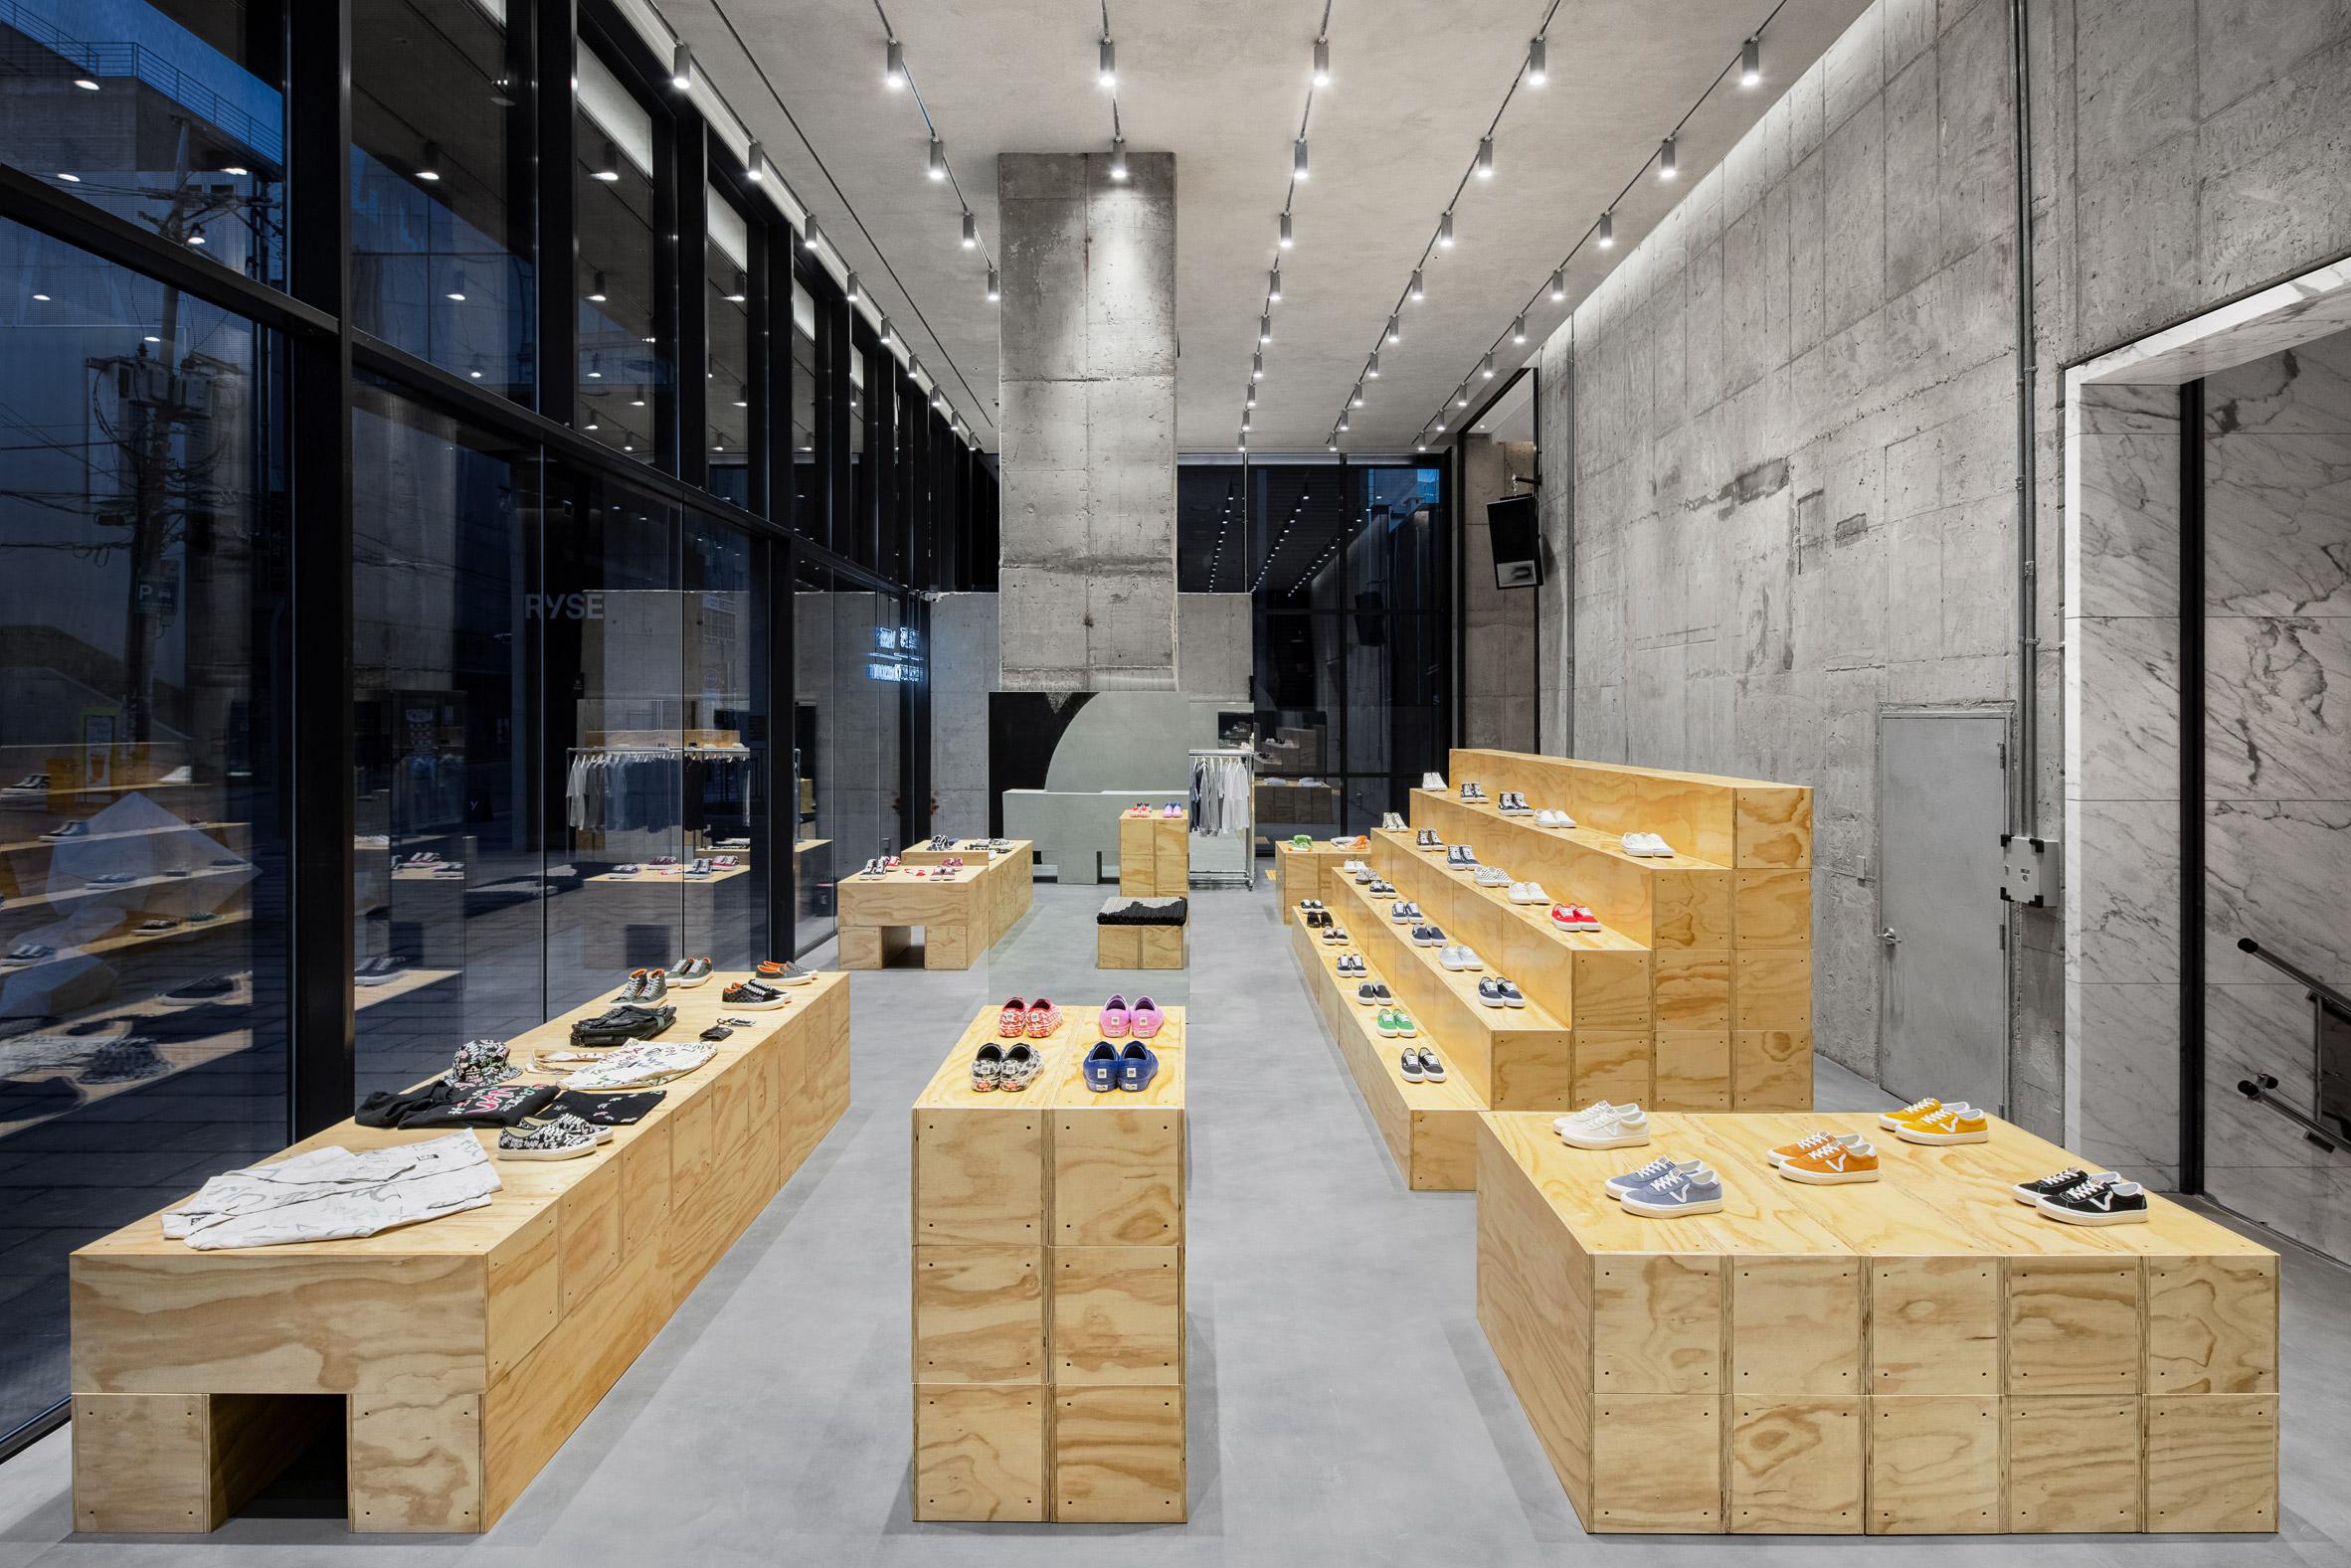 Andrea Caputo-designed Vans store